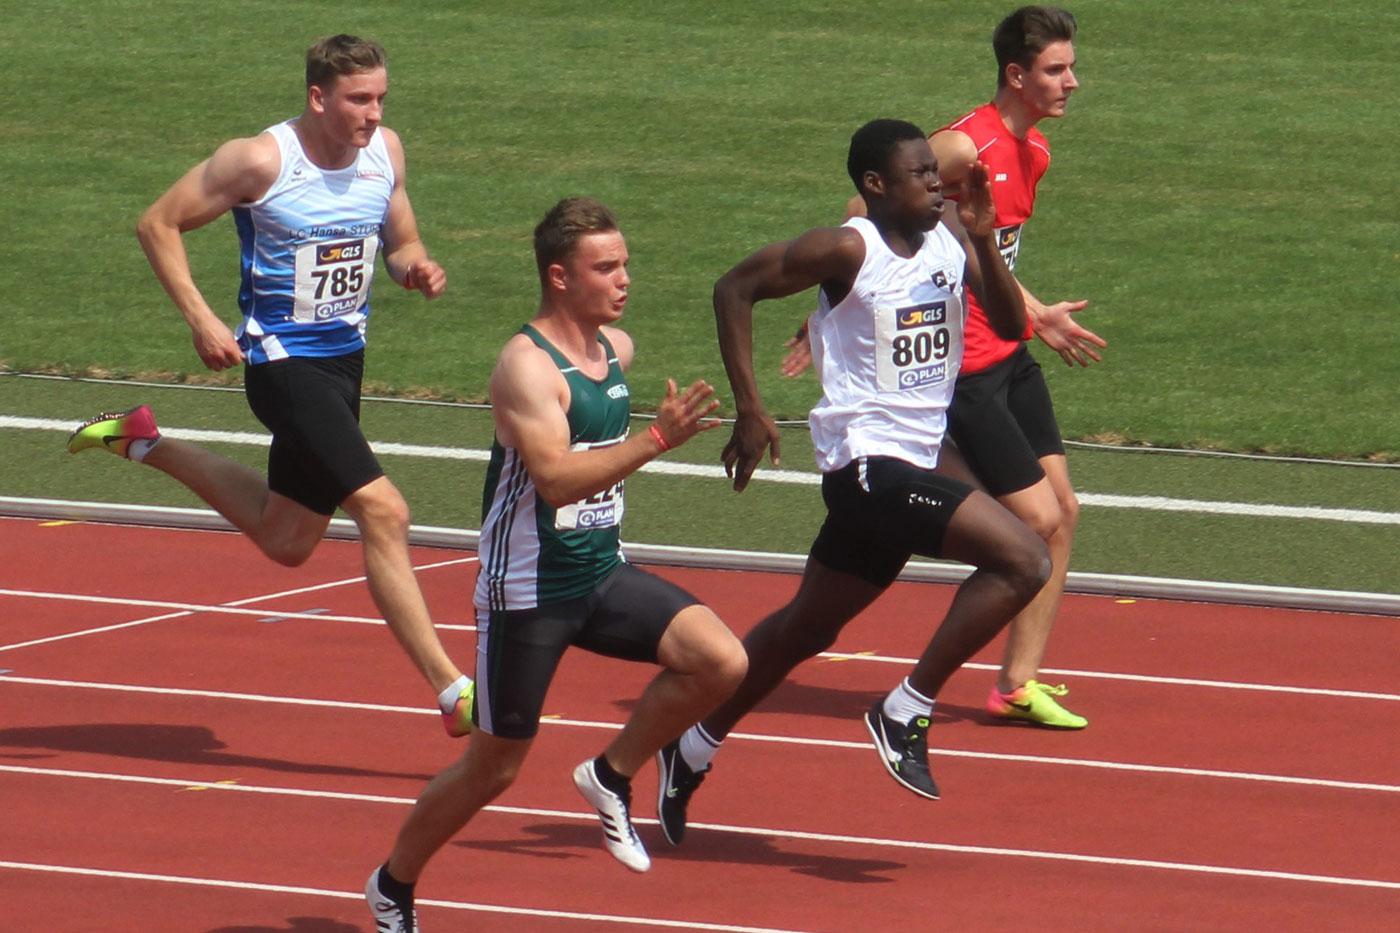 THC Brühl Leichtathletik: Ein unfassbarer Tag